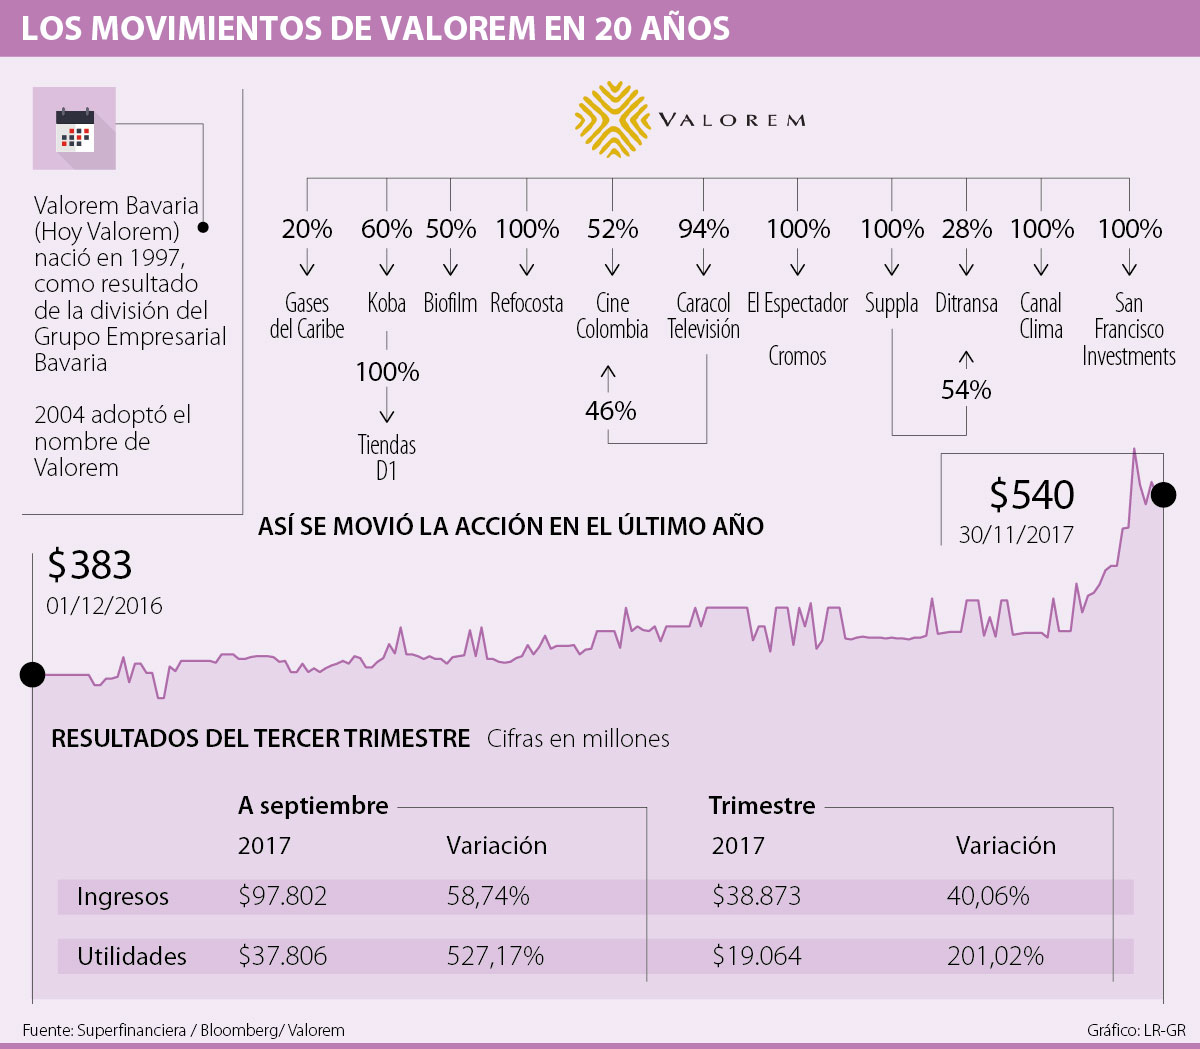 Los movimientos del Grupo Valorem en los 20 años en la Bolsa de Valores 65a683c85e0